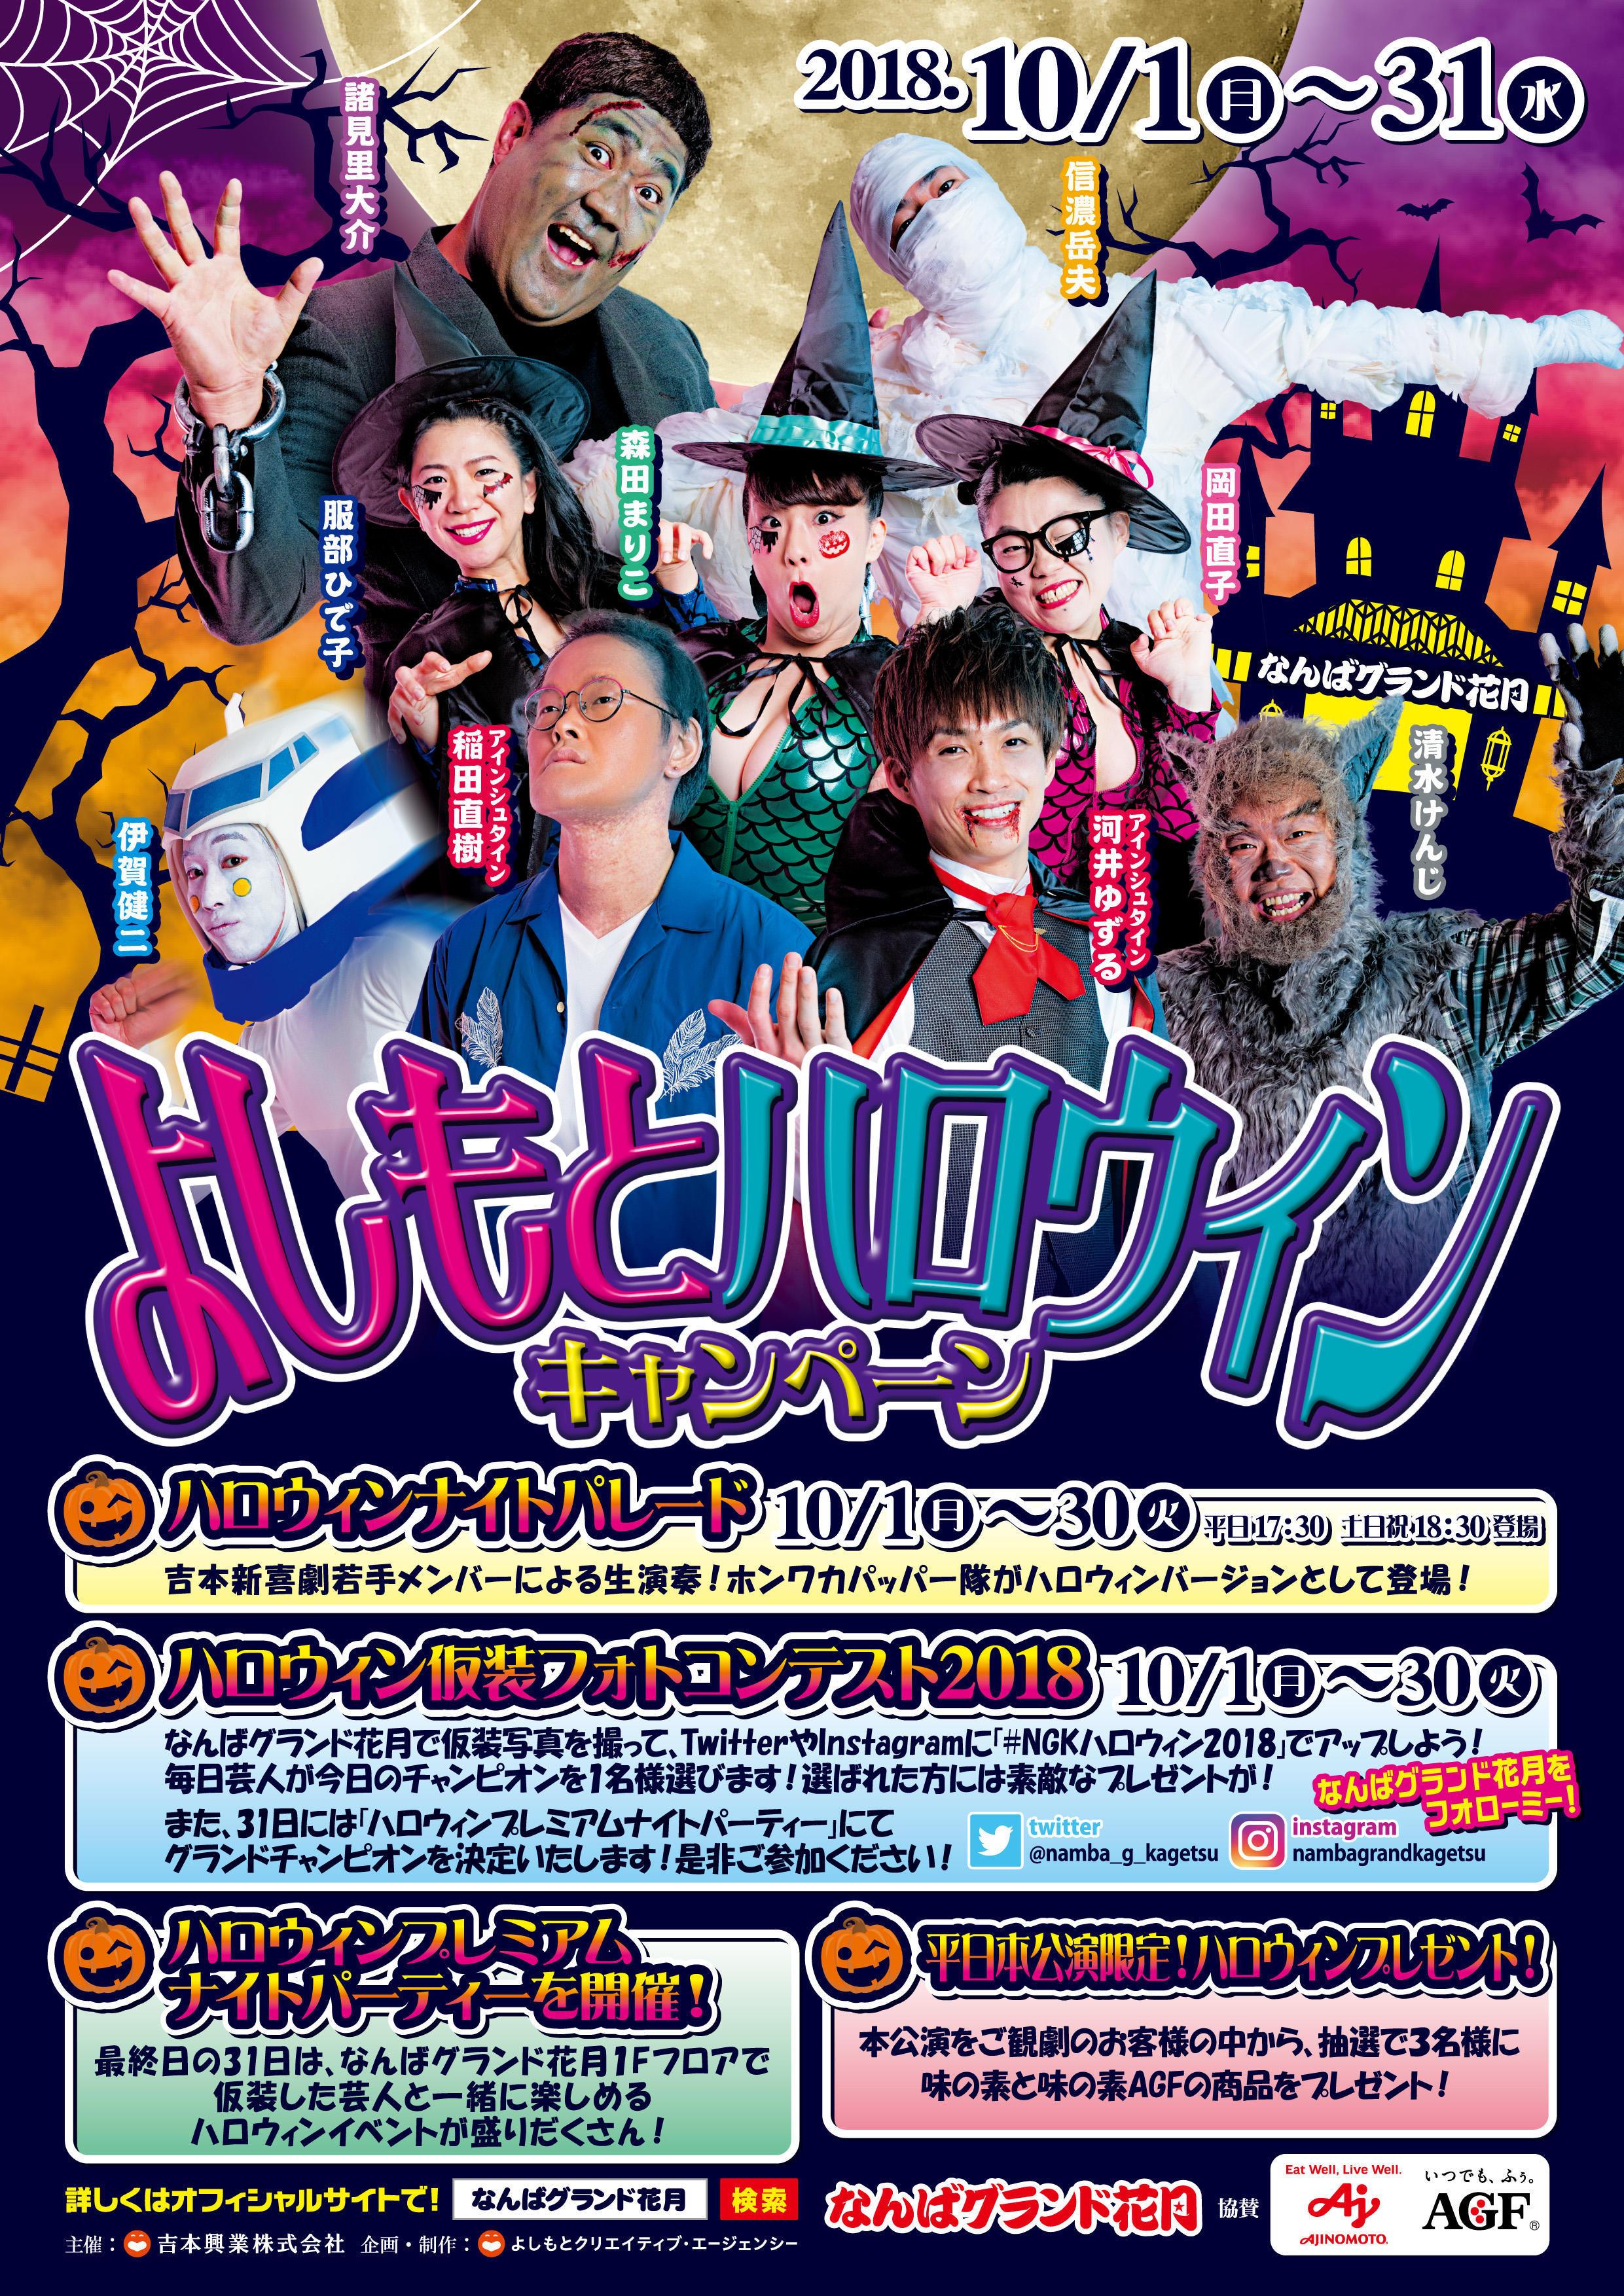 http://news.yoshimoto.co.jp/20180921222001-0db60498e4a9b2831ad879df9a6777c65c17c18f.jpg